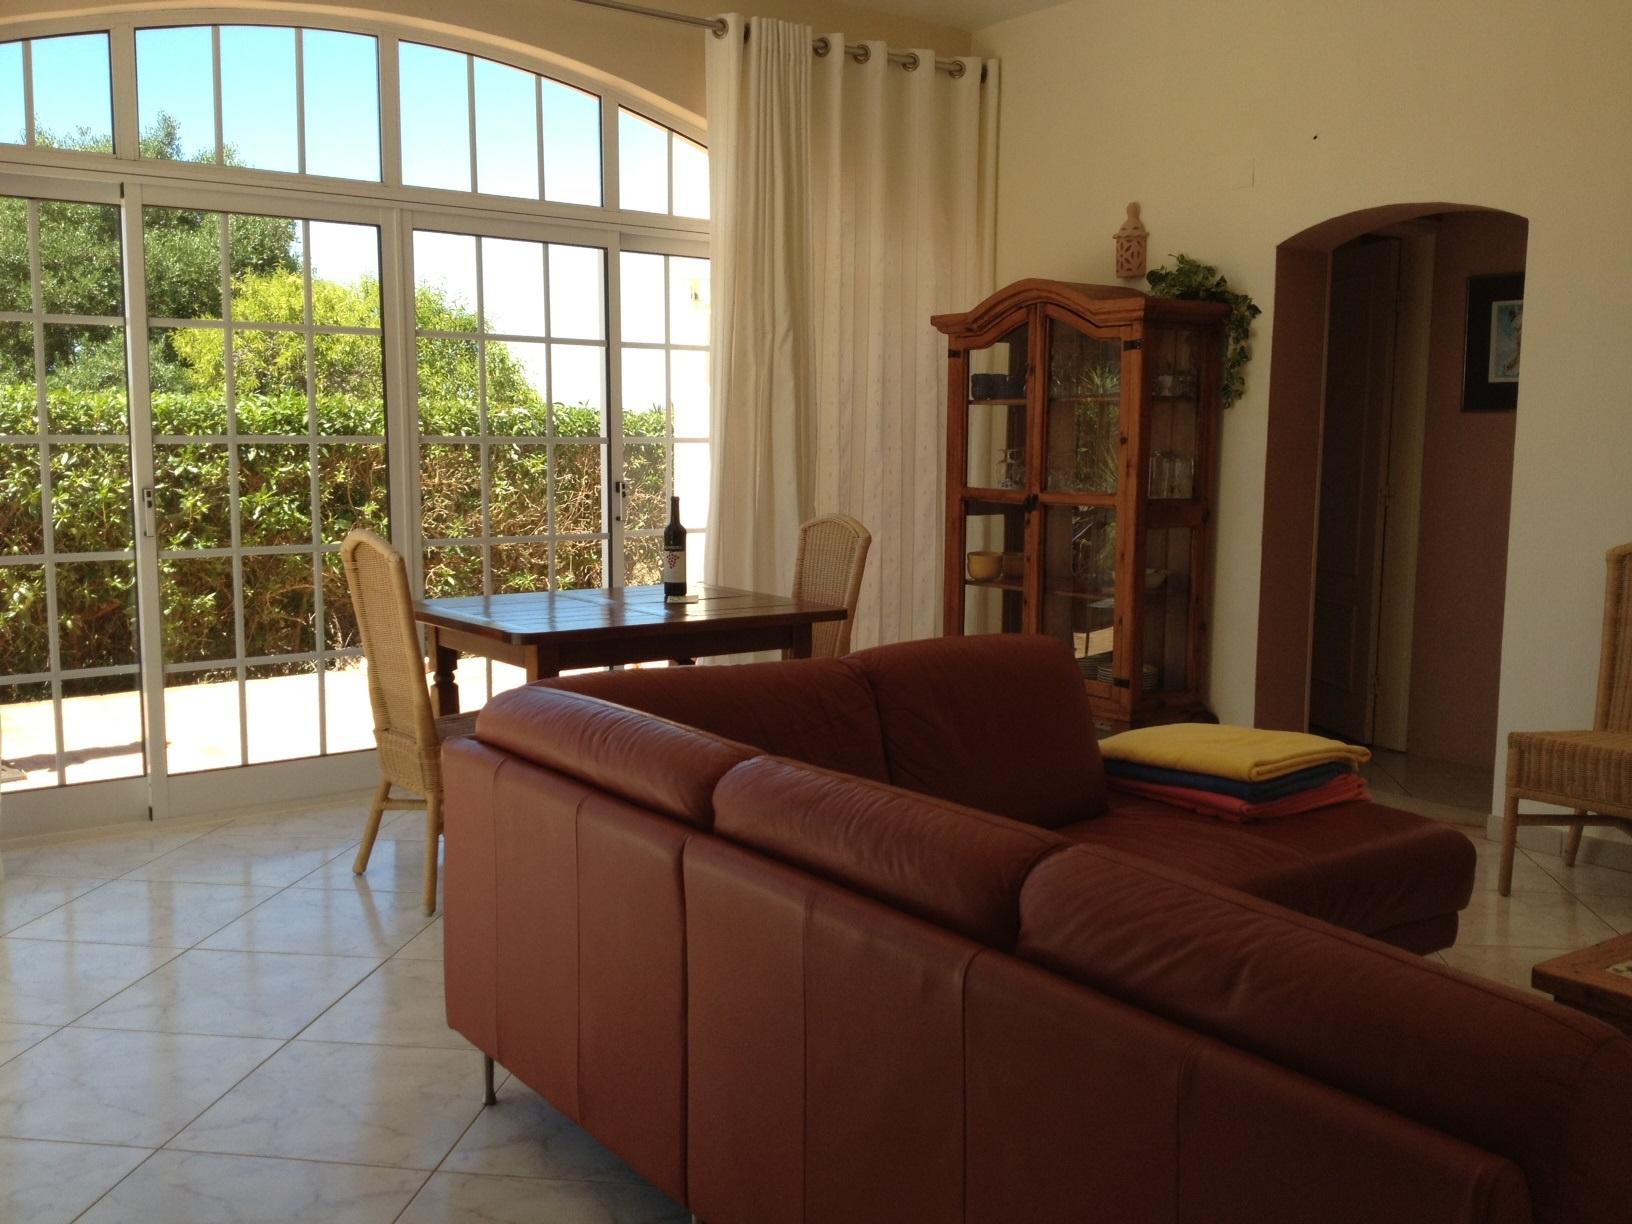 Ferienhaus Bungalow, im schönen Garten ein Pool auch für die 2 Wohnungen, sehr ruhiger Ort (2377732), Luz, , Algarve, Portugal, Bild 7